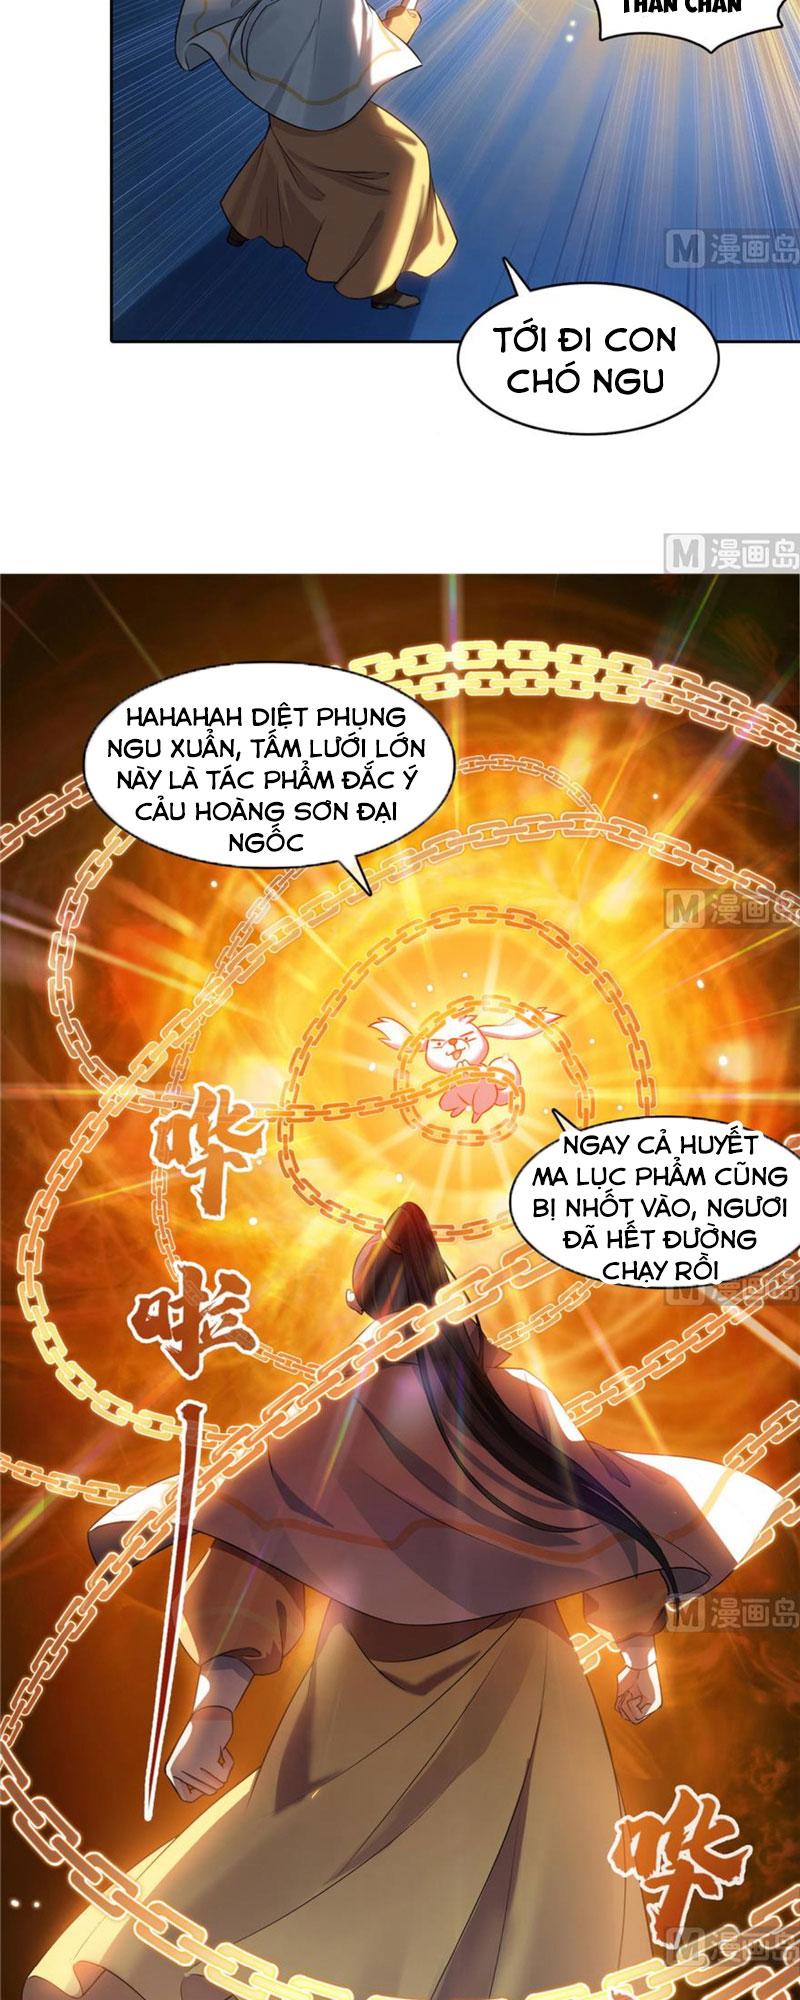 Tu Chân Nói Chuyện Phiếm Quần chap 246 - Trang 14